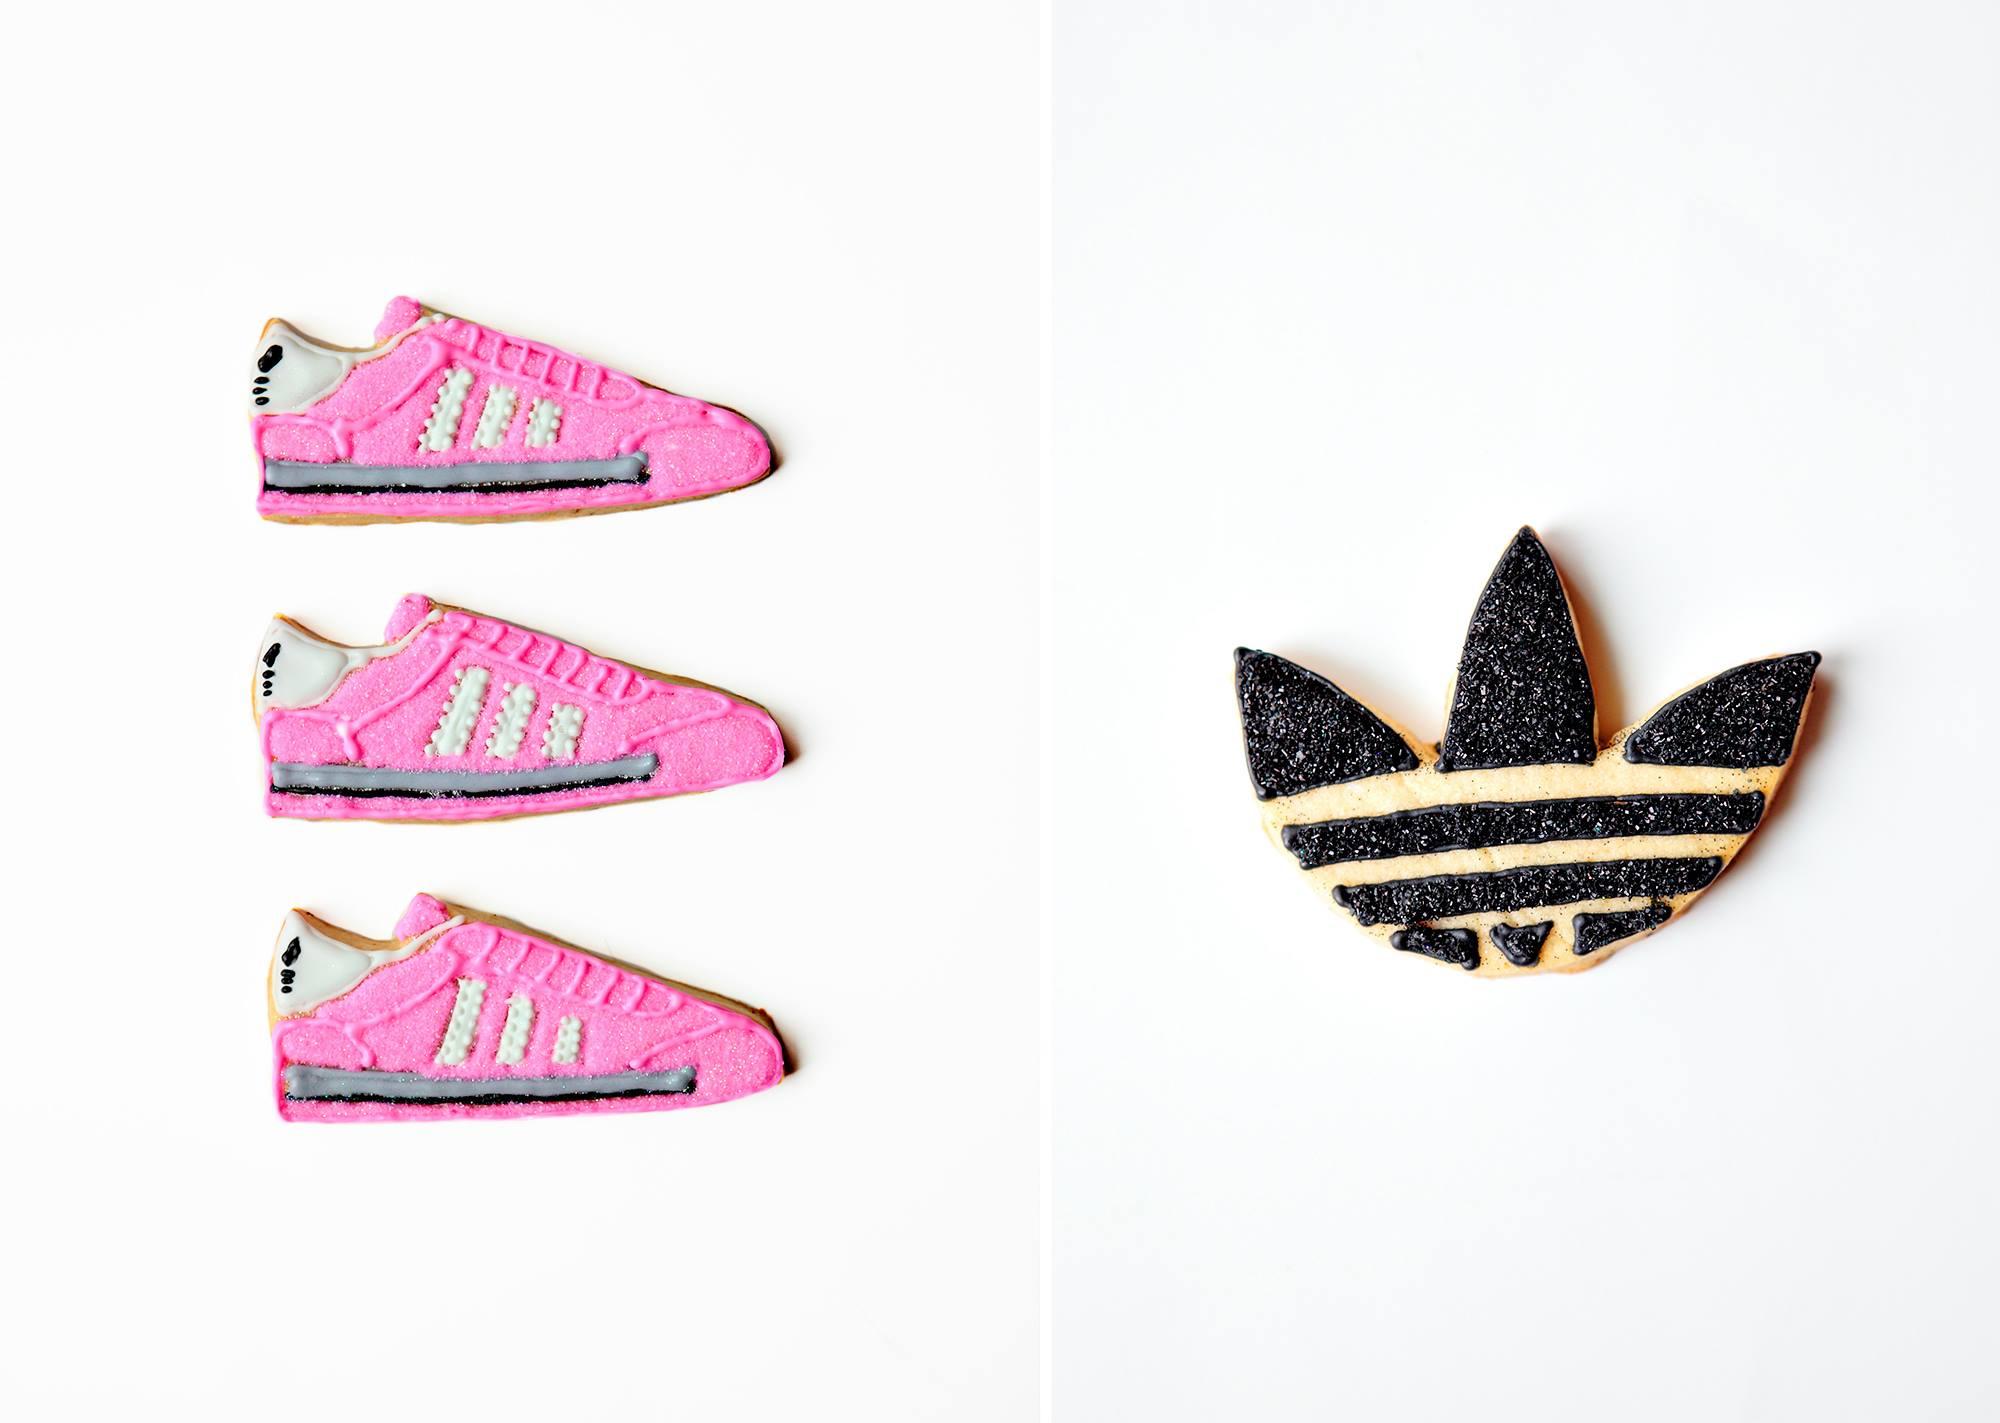 adidas-sneaker-cookies.JPG